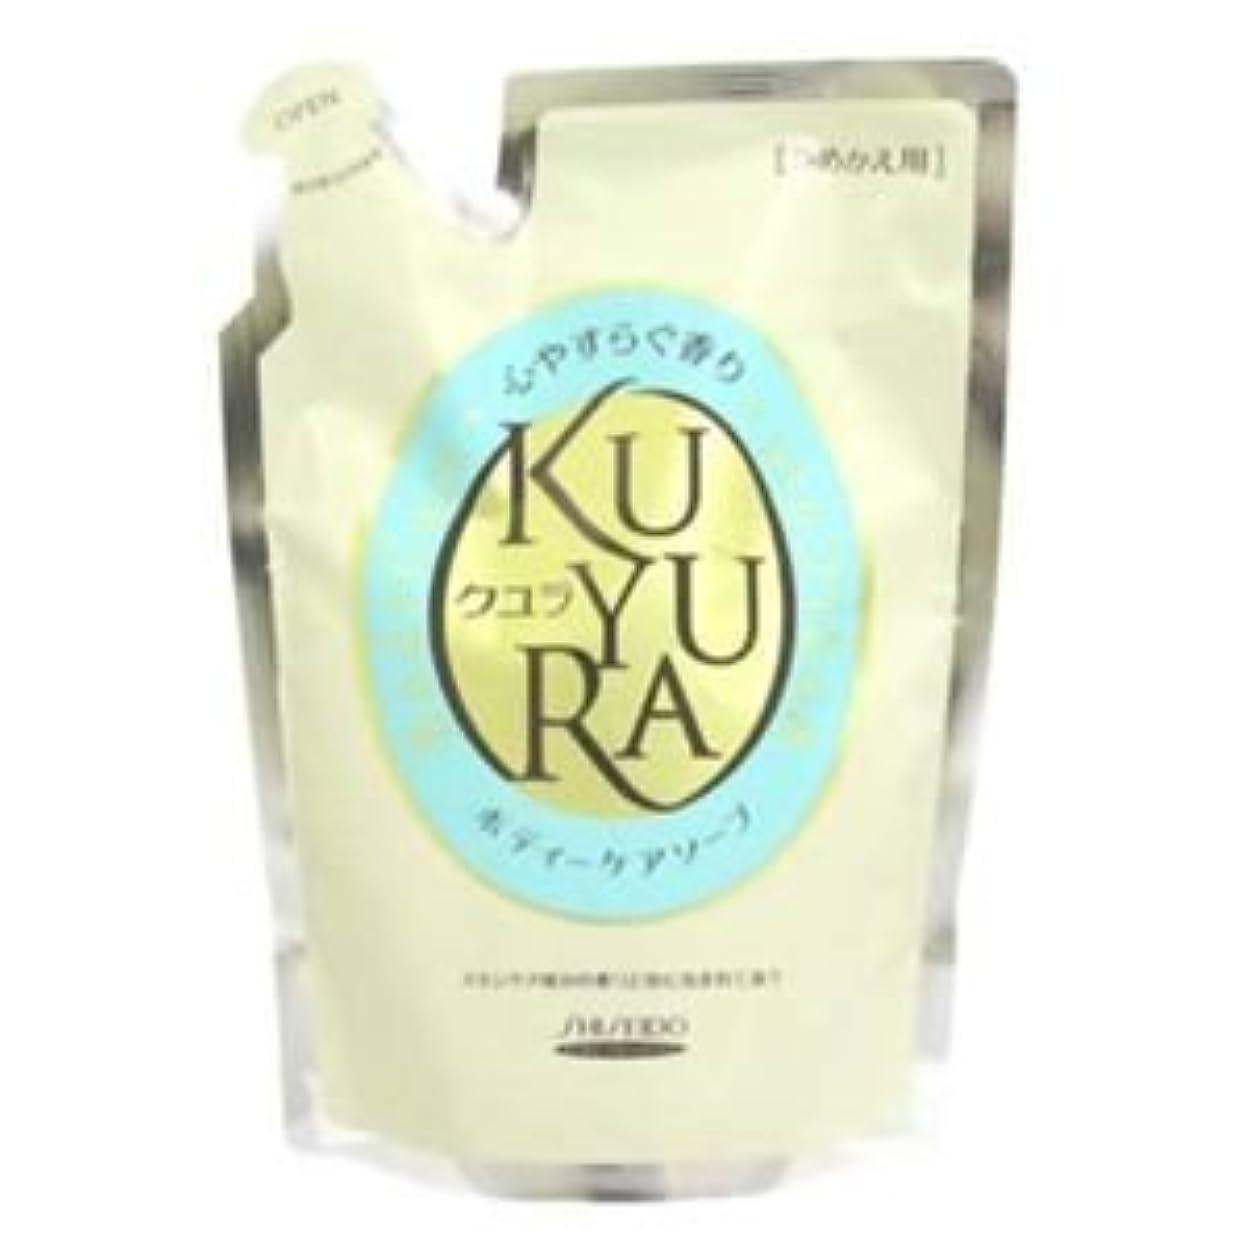 熱心純粋なアクティブクユラ ボディケアソープ 心やすらぐ香り つめかえ用400ml 4セット